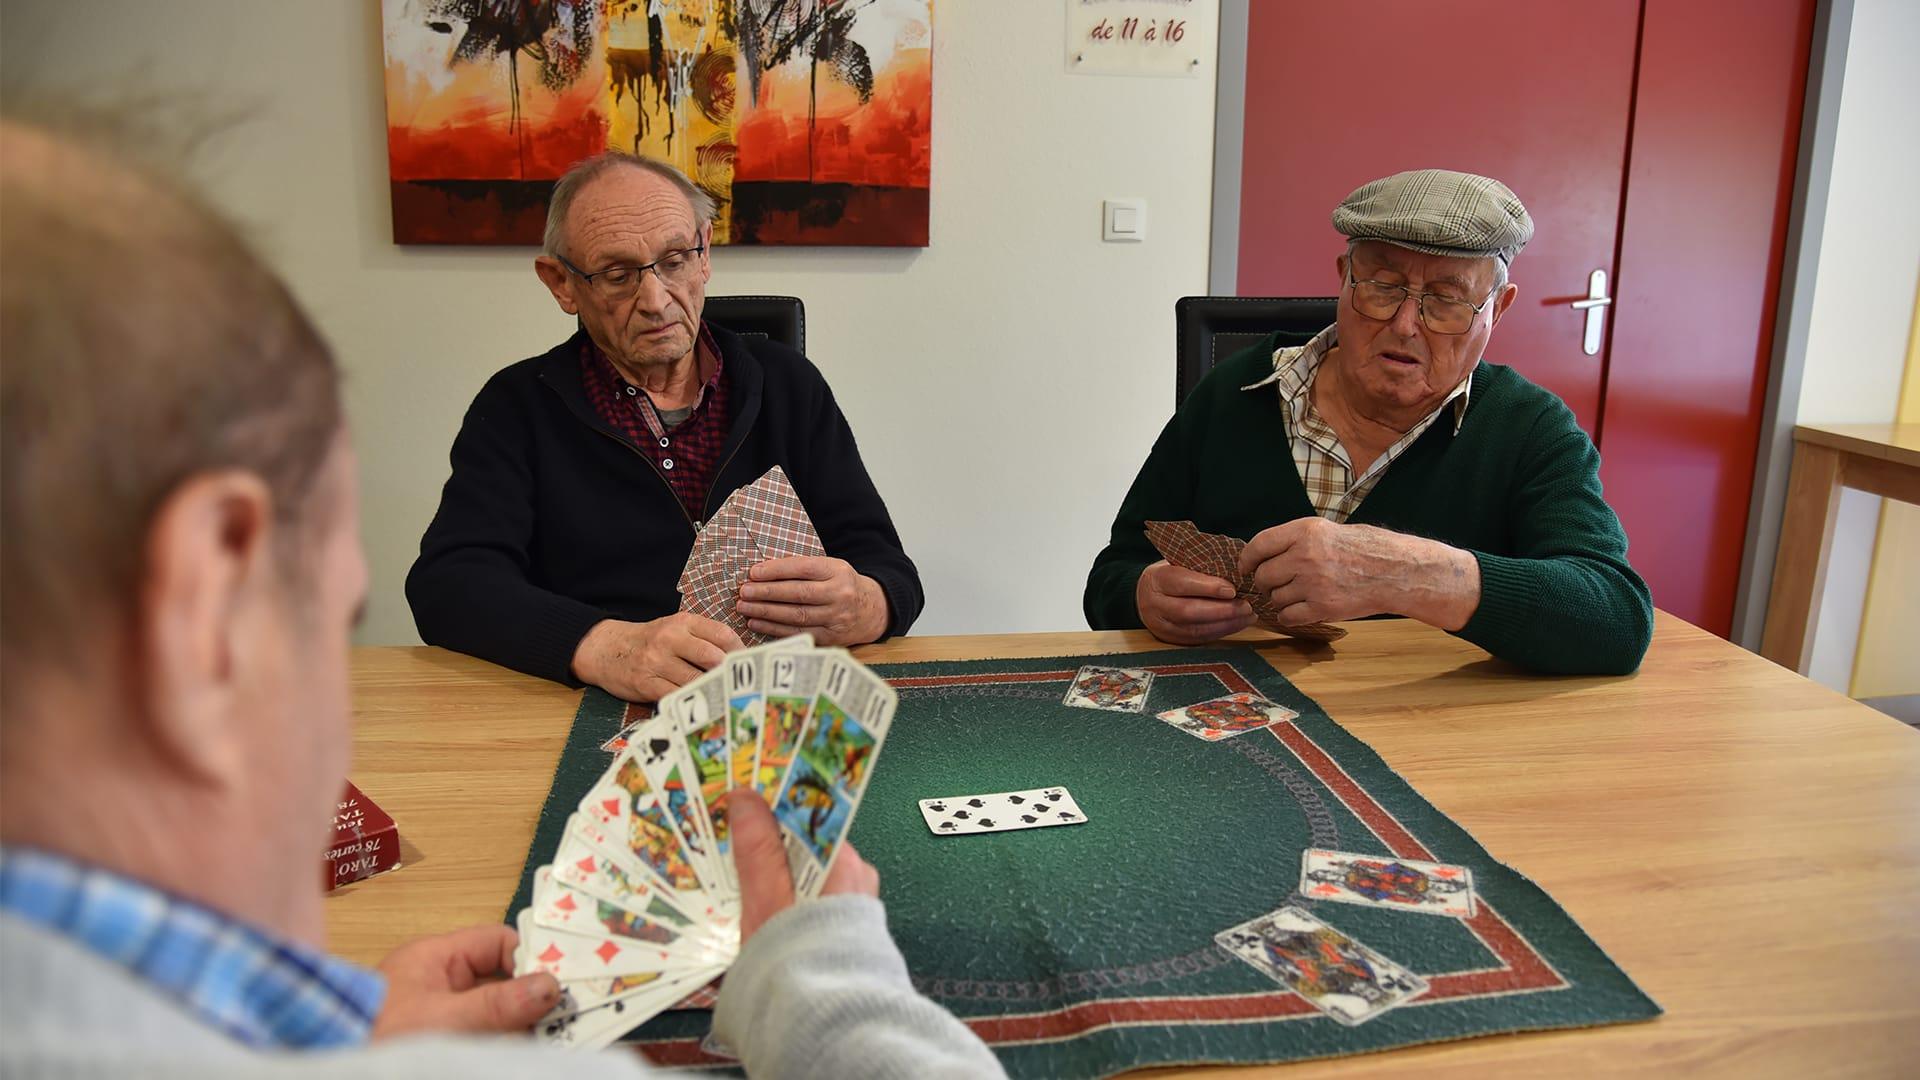 3 résidents de la Résidence des Acacias jouant aux cartes